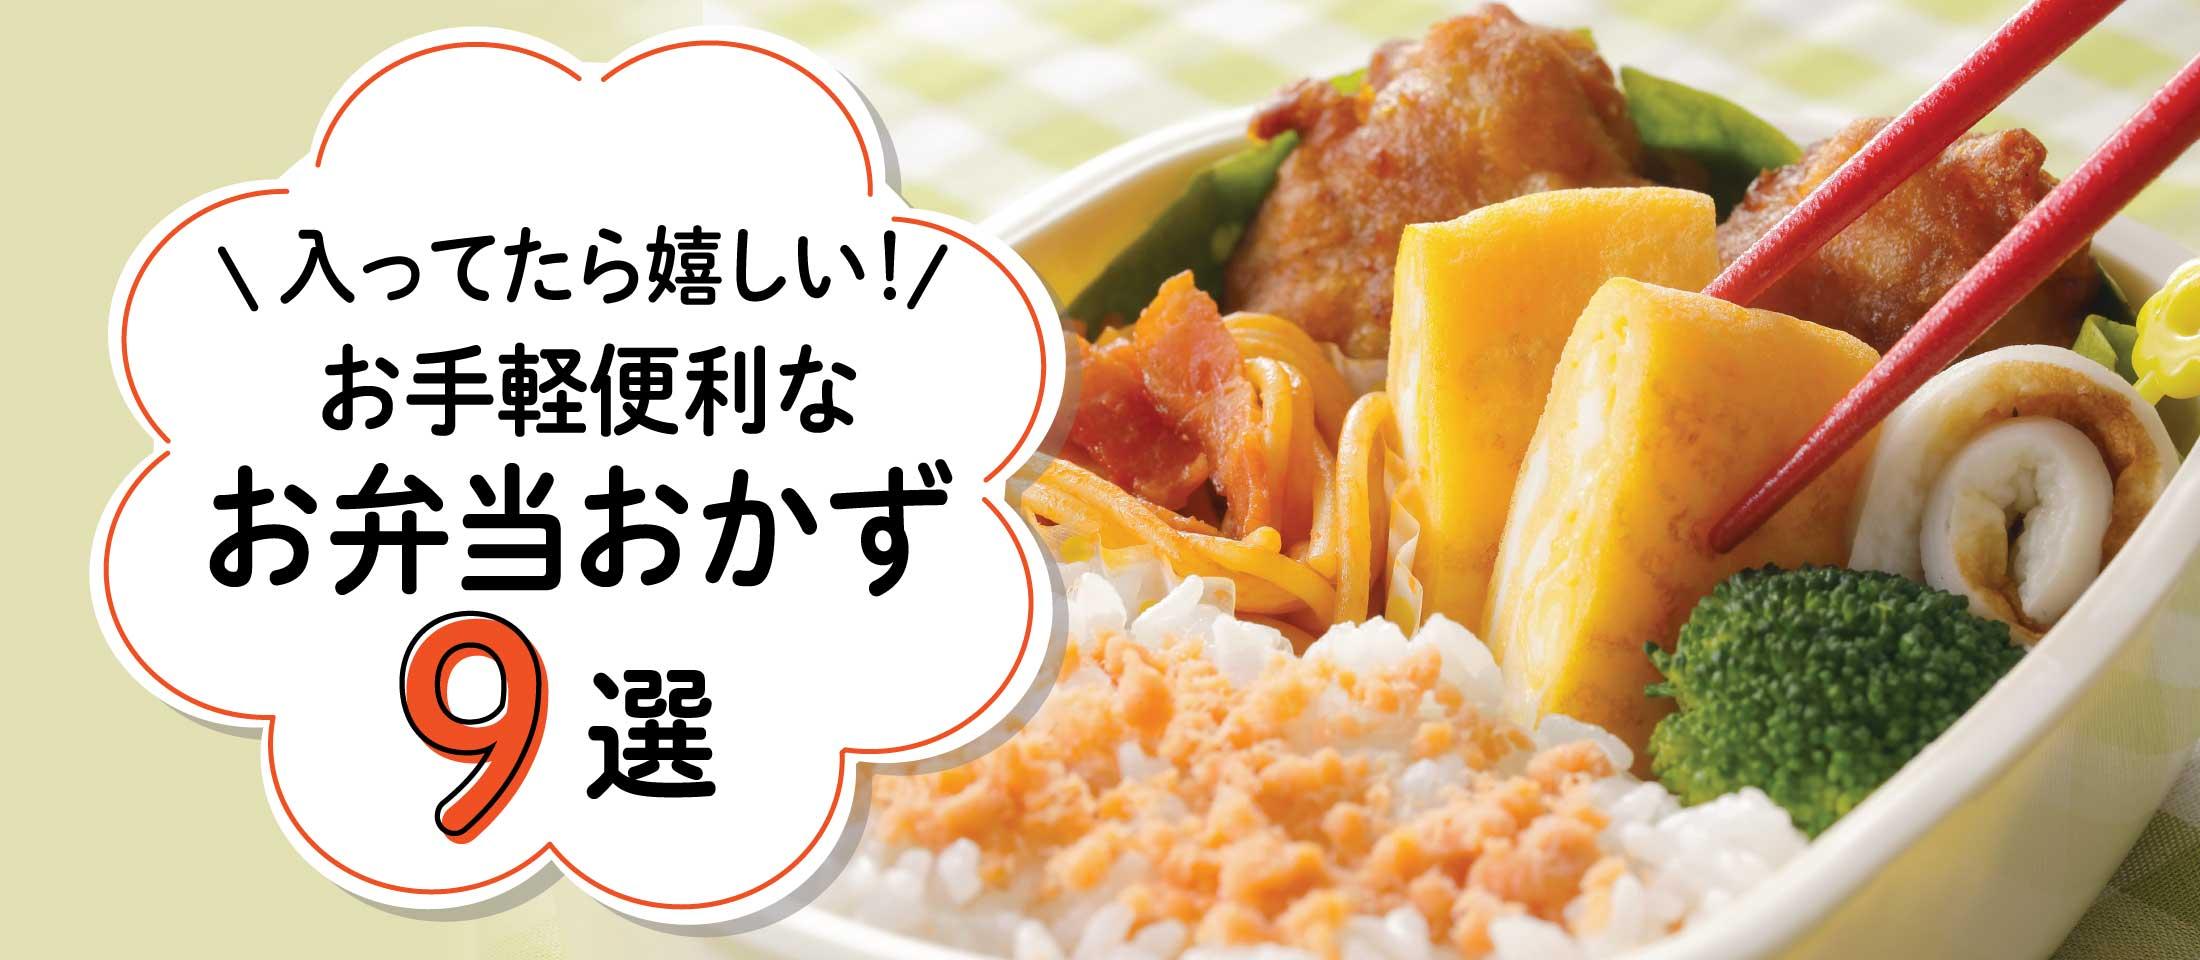 入ってたら嬉しい!定番お弁当おかず9選 業務用食品・冷凍食品通販 ナカヤマフーズオンライン